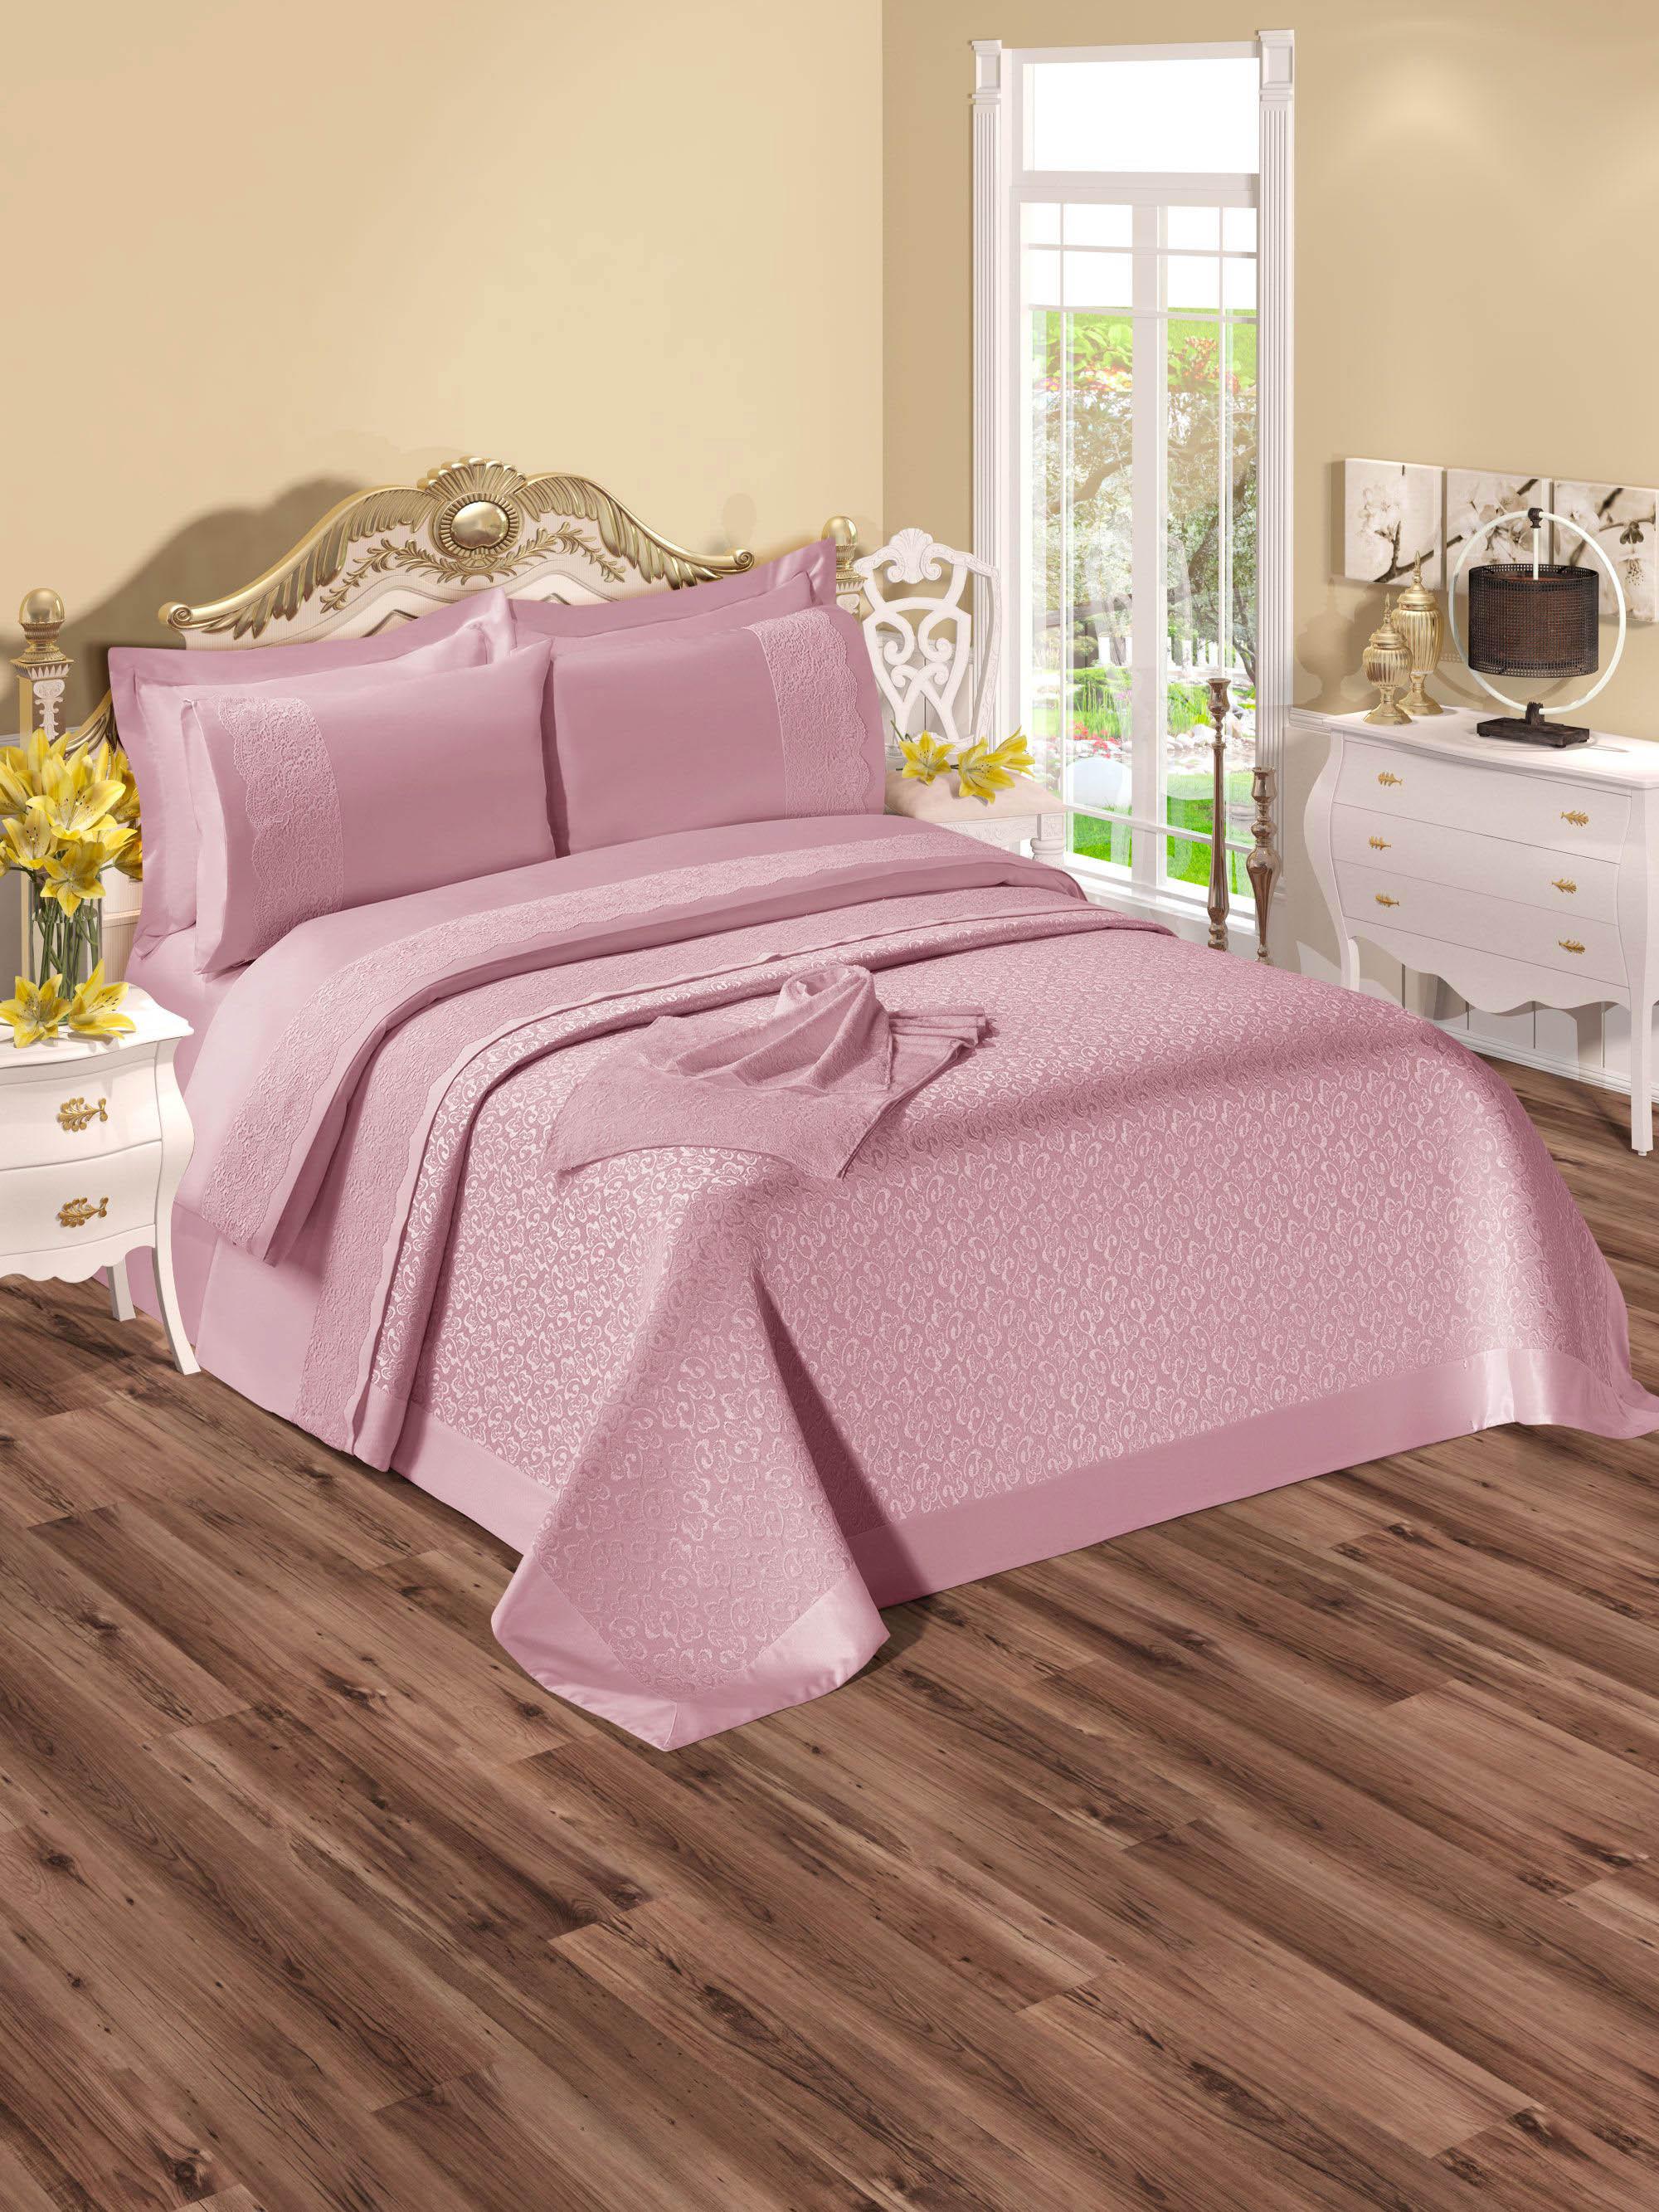 Купить Комплекты постельного белья DO'n'CO, Постельное белье Elizabeth Цвет: Пудра (2 сп. евро), Турция, Розовый, Хлопковый сатин